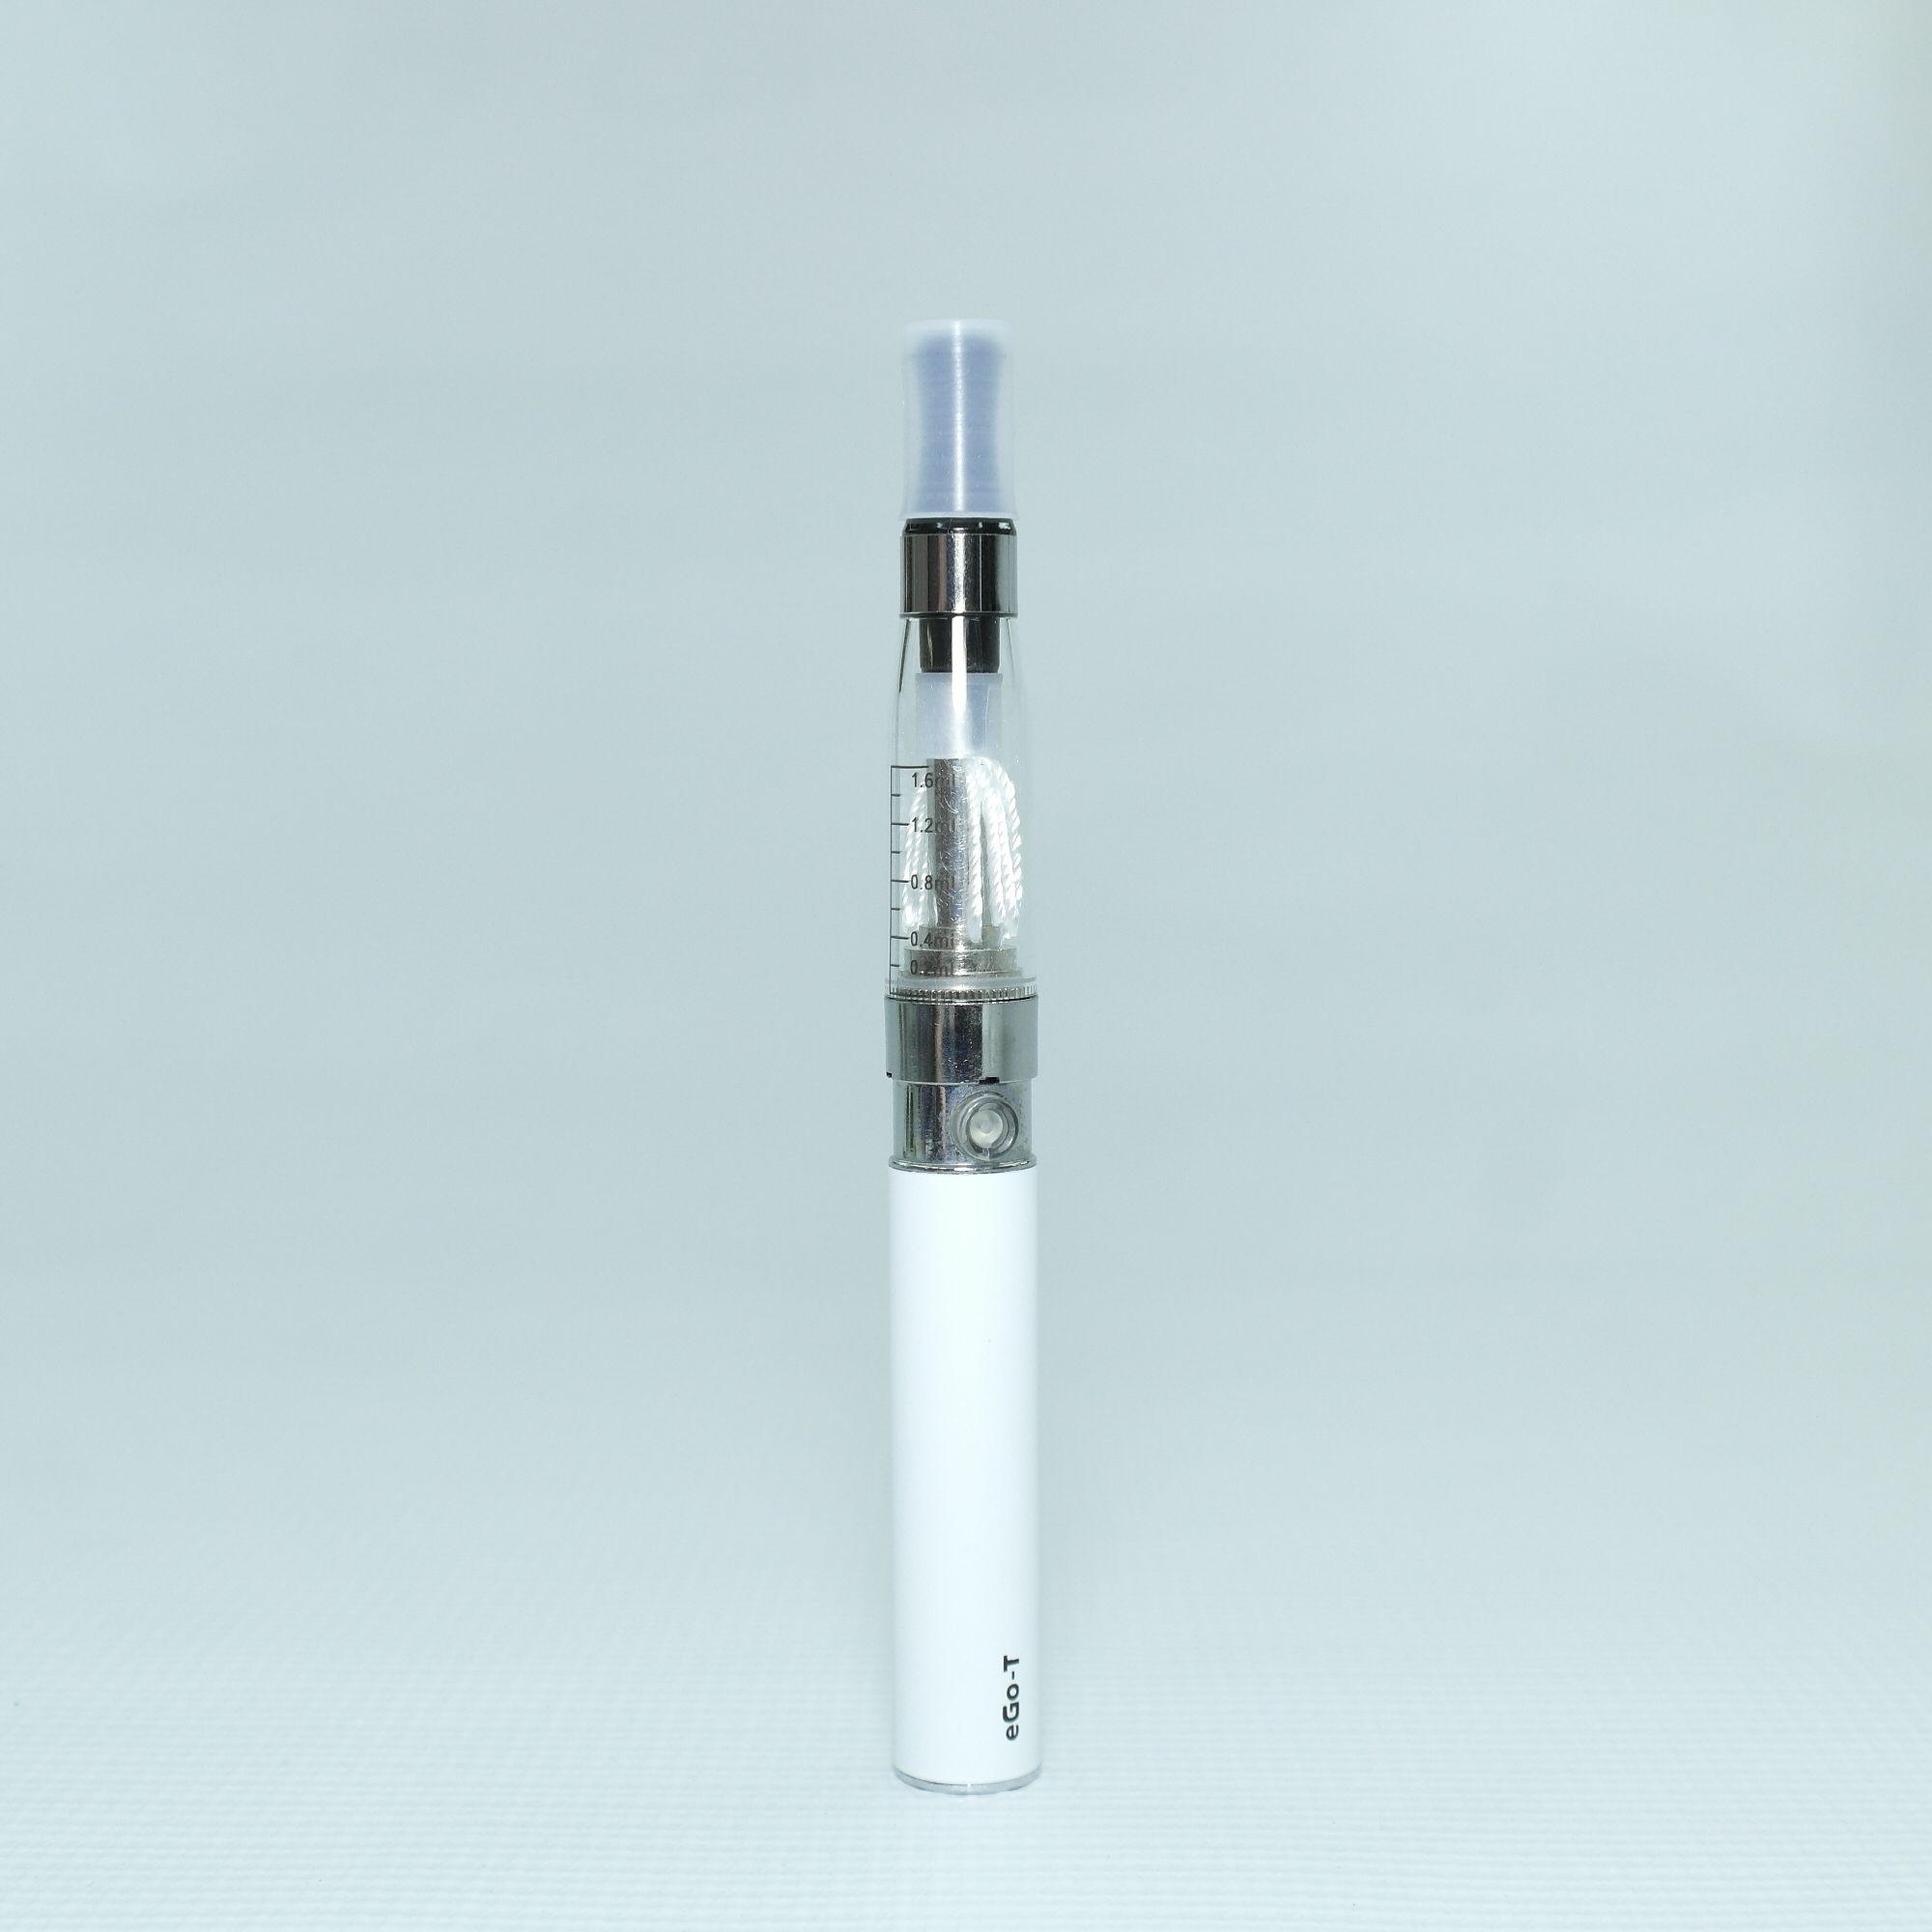 Купить сигареты тюмень купить контрафактные сигареты воронеж